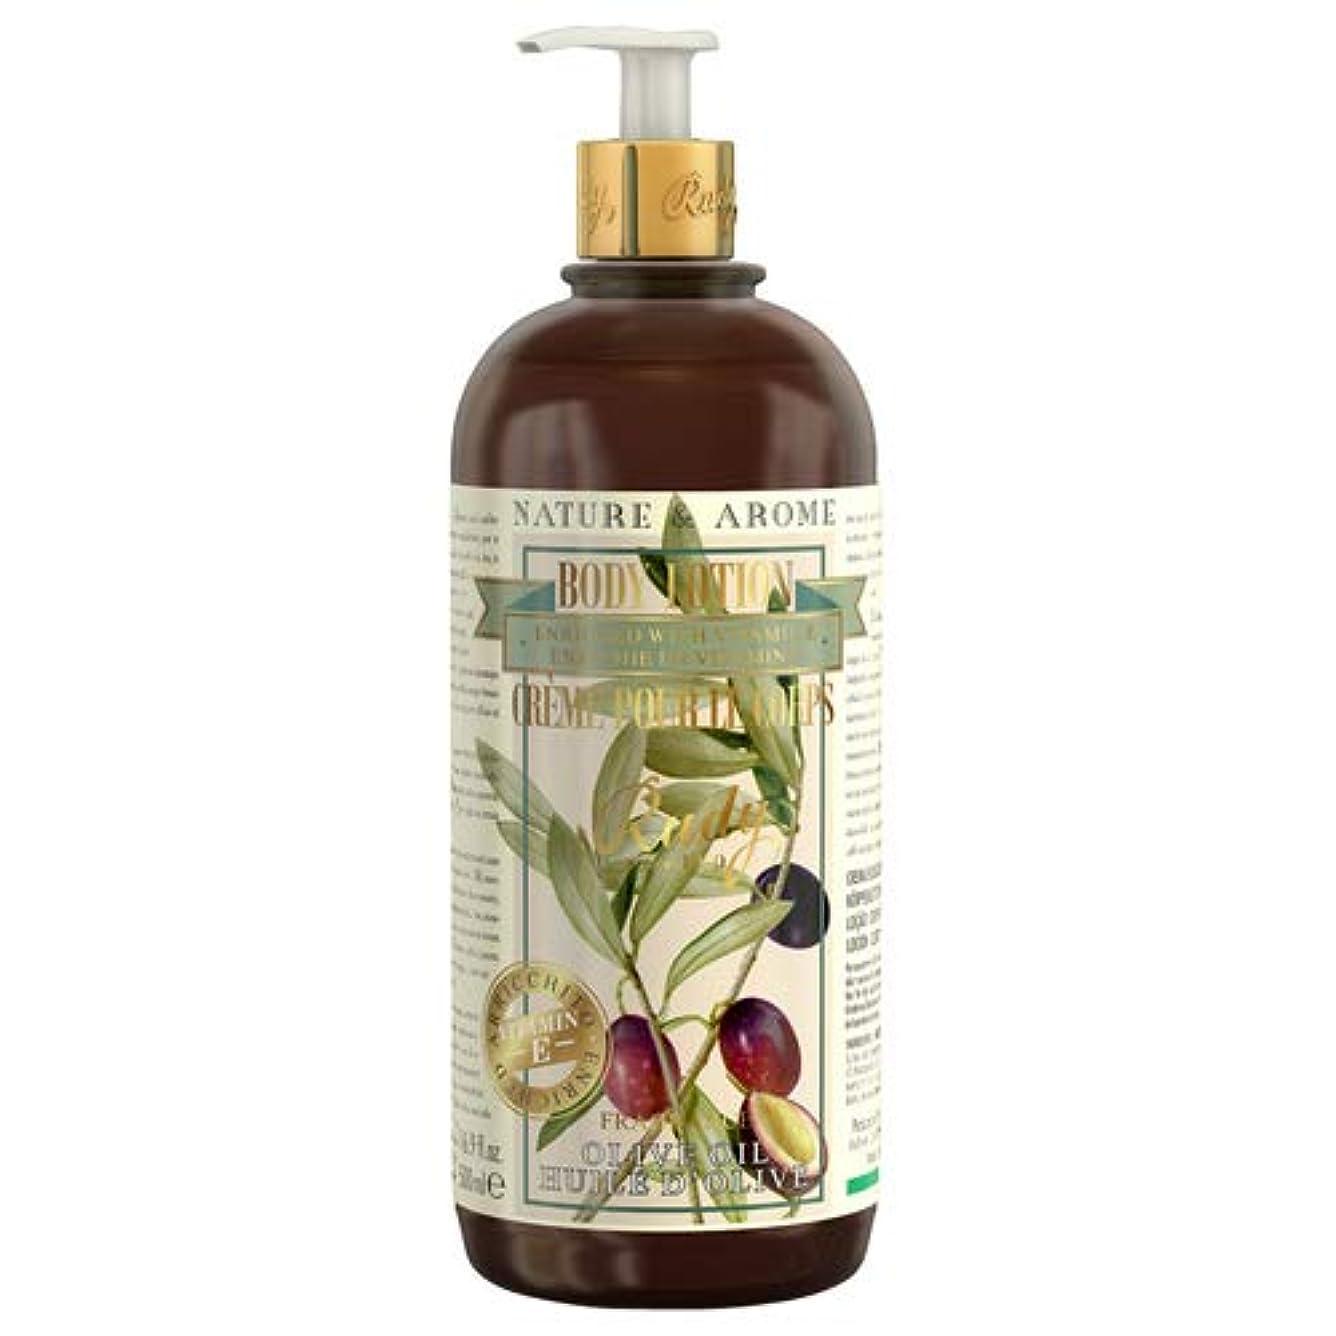 私達スチュワーデスノベルティルディ(Rudy) RUDY Nature&Arome Apothecary ネイチャーアロマ アポセカリー Body Lotion ボディローション Olive Oil オリーブオイル